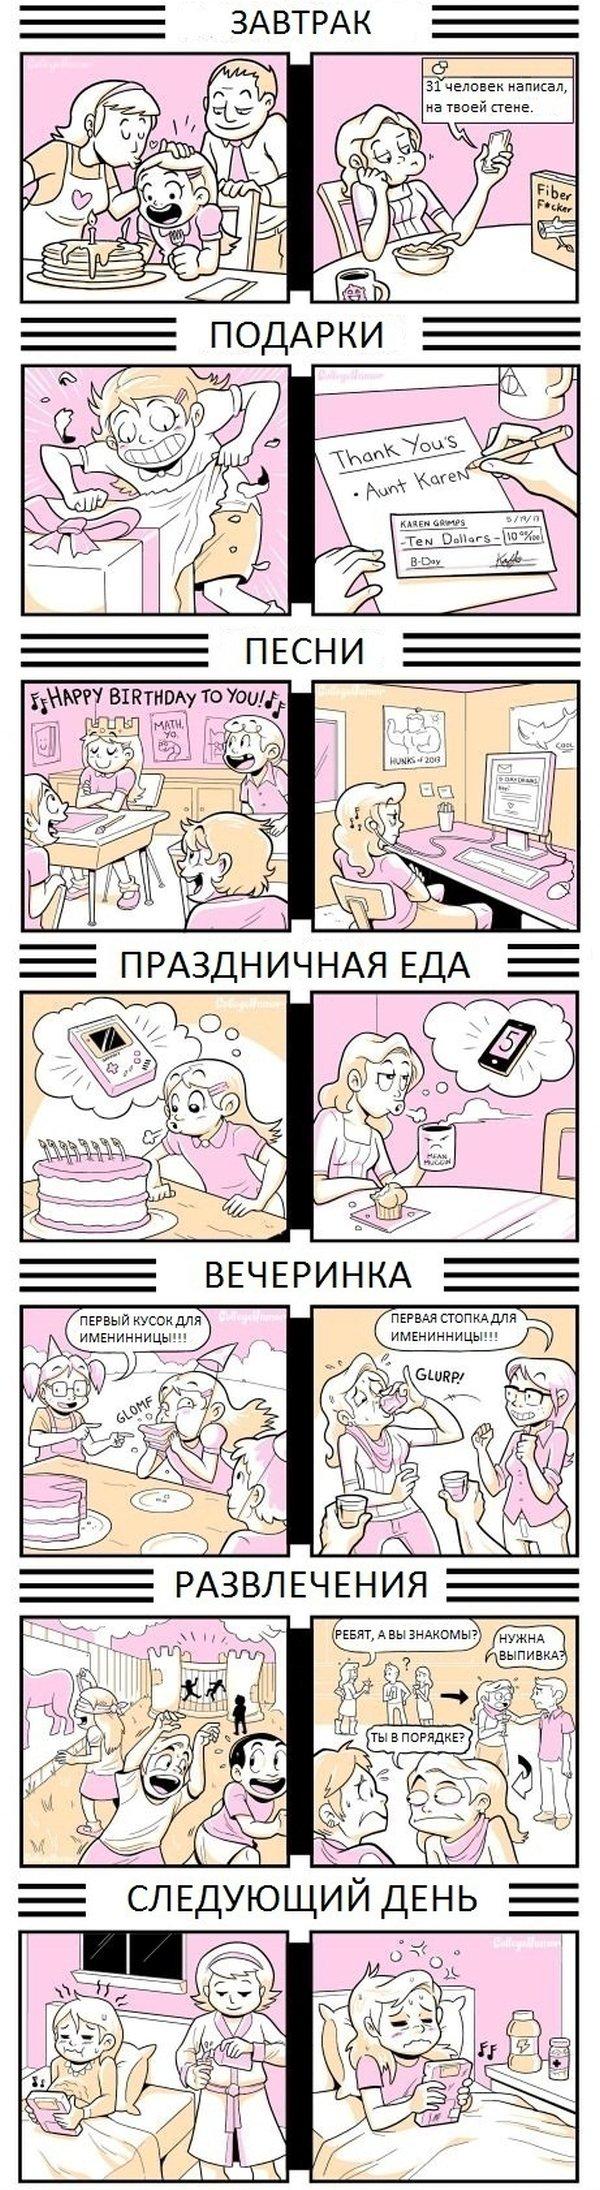 """День Рождения """"тогда и сейчас"""" (2 картинки)"""